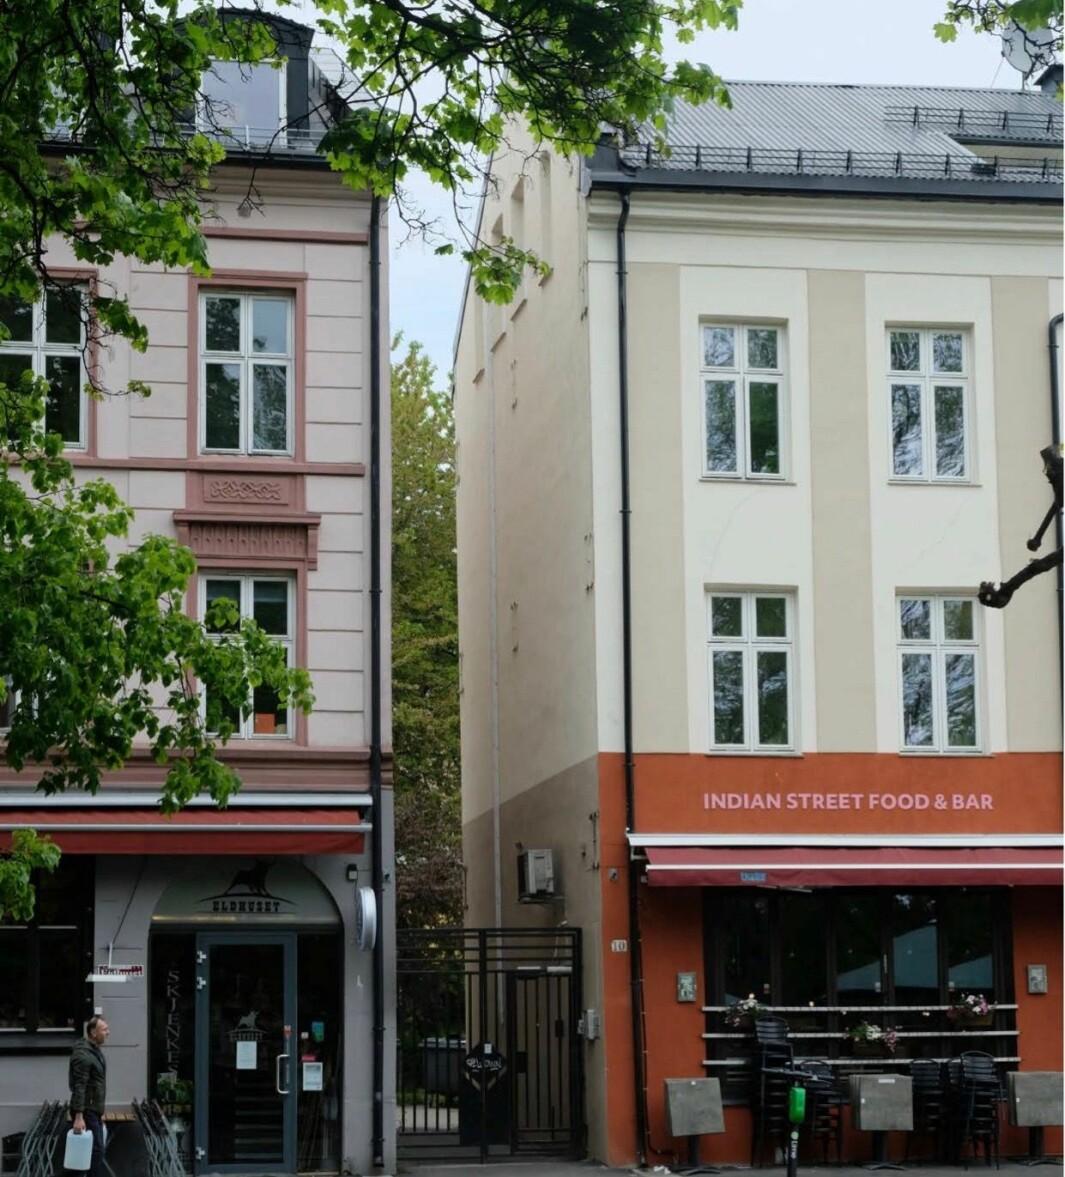 KLASSISK: Den lille tomten ligger mellom de to klassiske murgårdene Olaf Ryes plass 9 og 10.